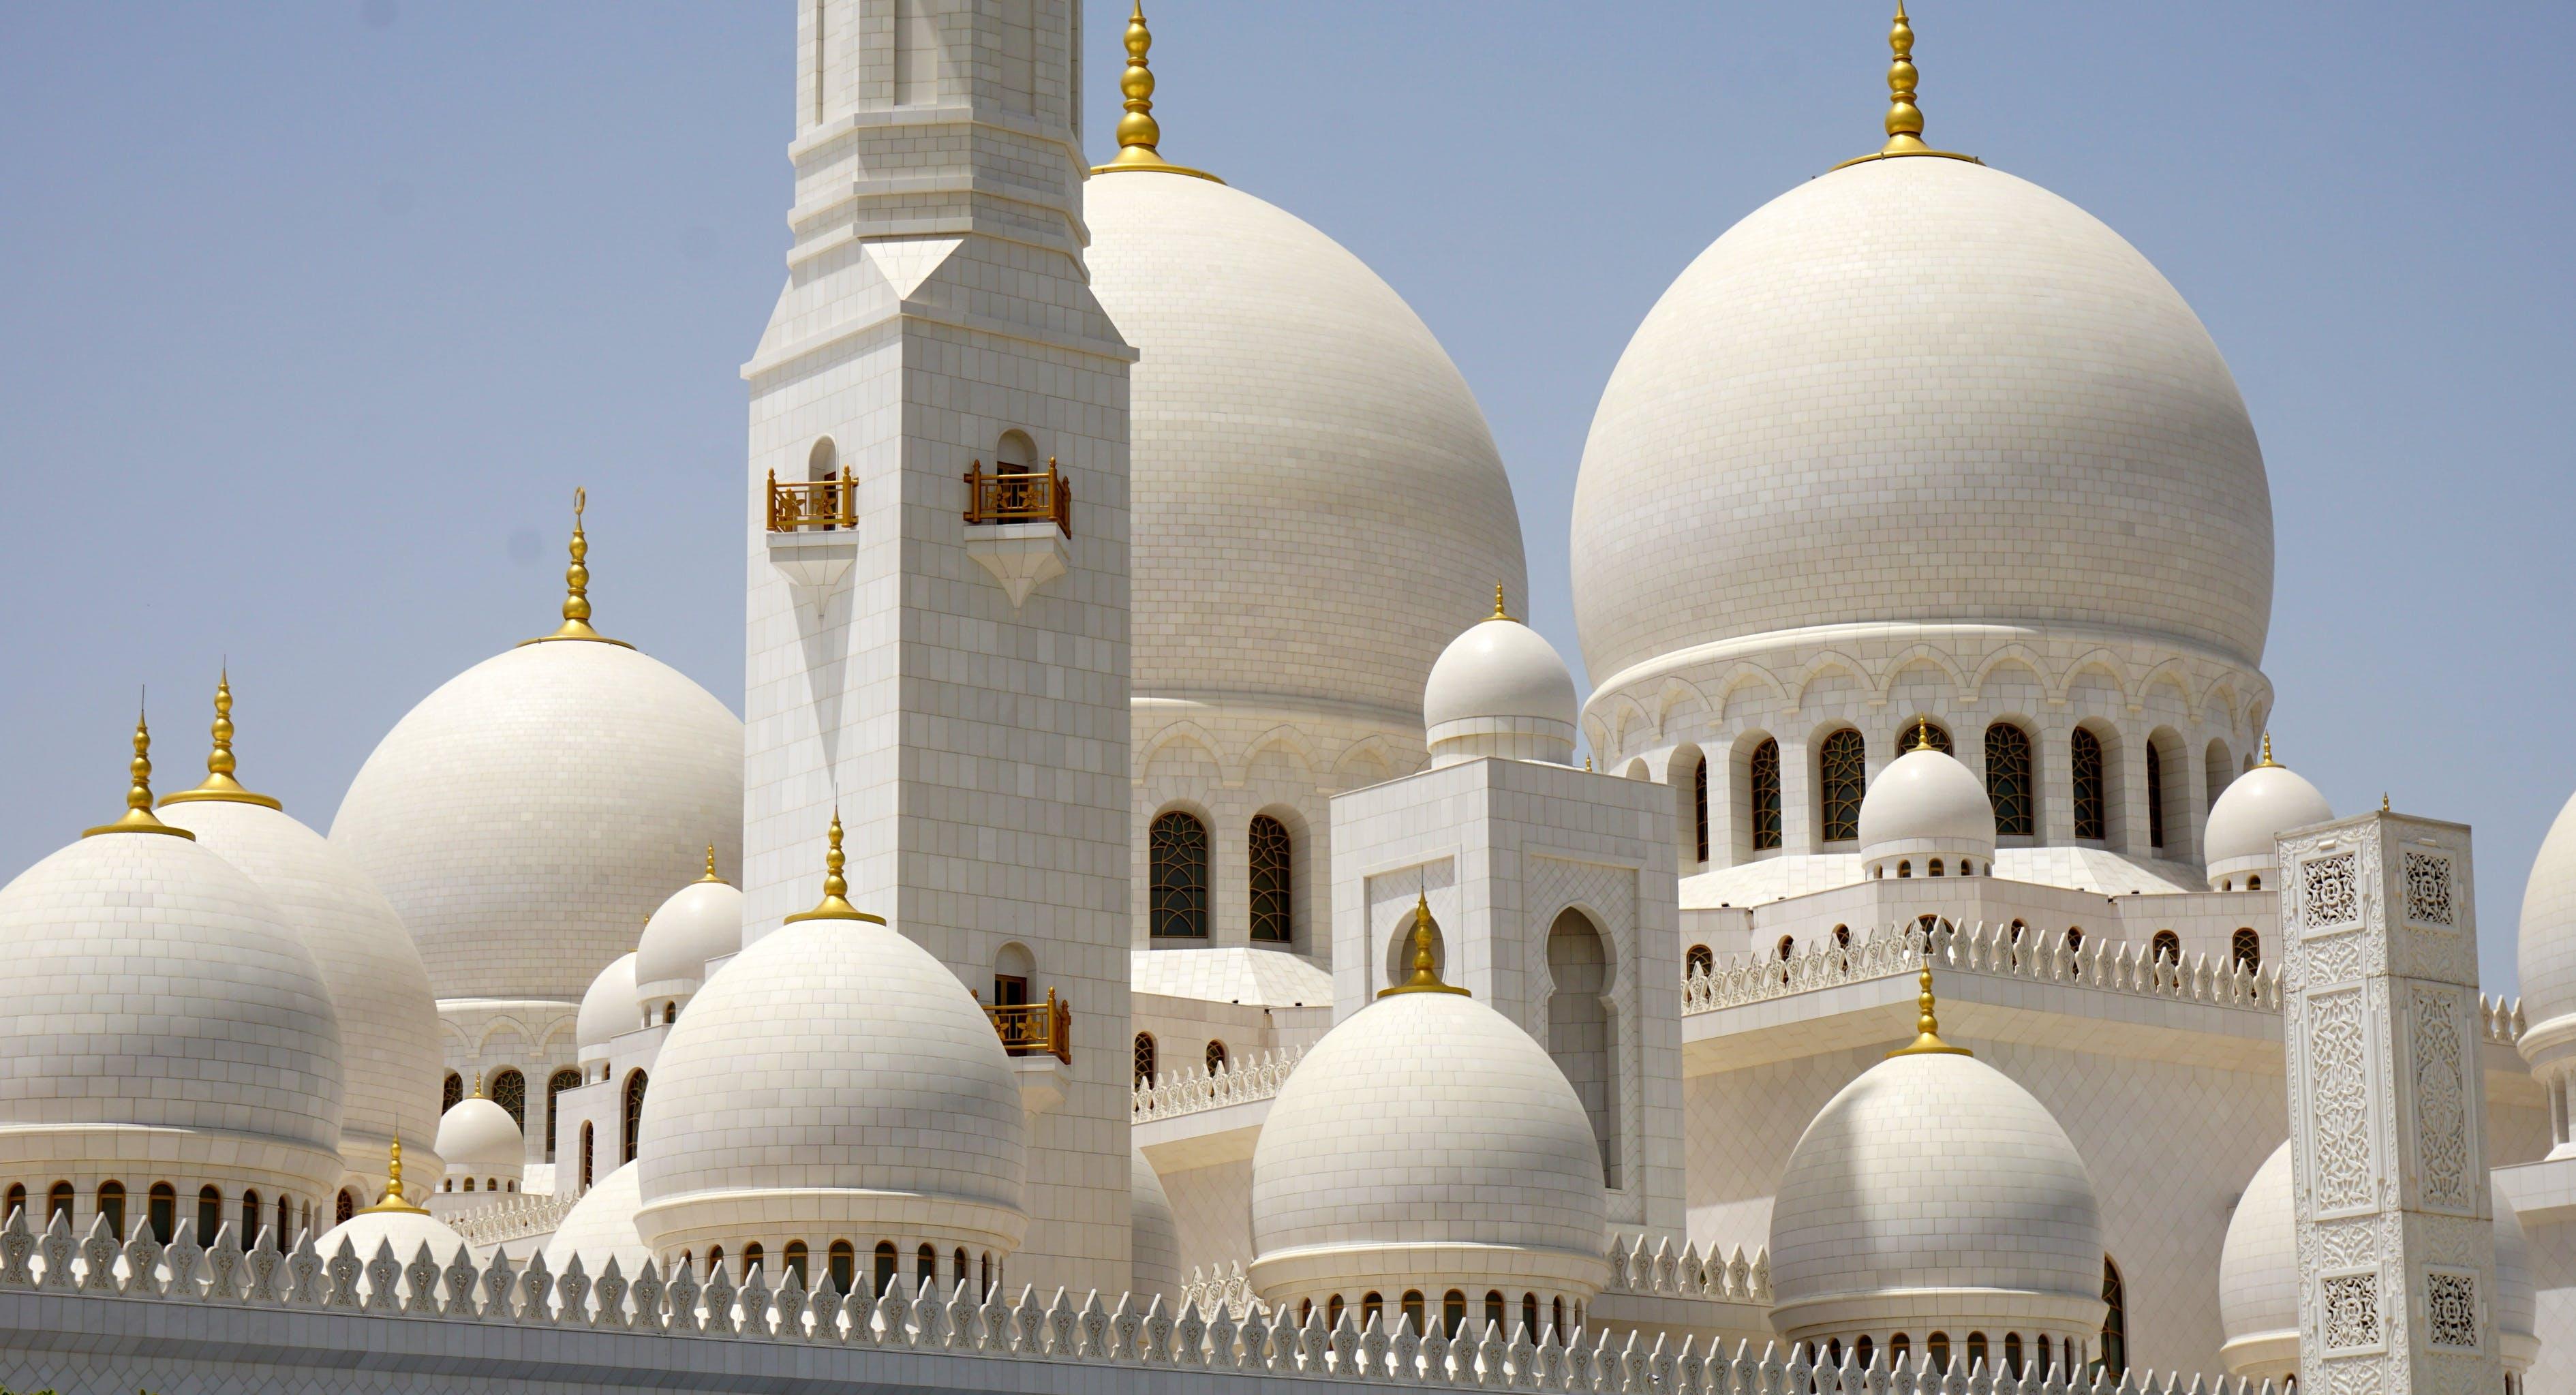 Newzoo опубликовала обзор игрового рынка Объединенных Арабских Эмиратов